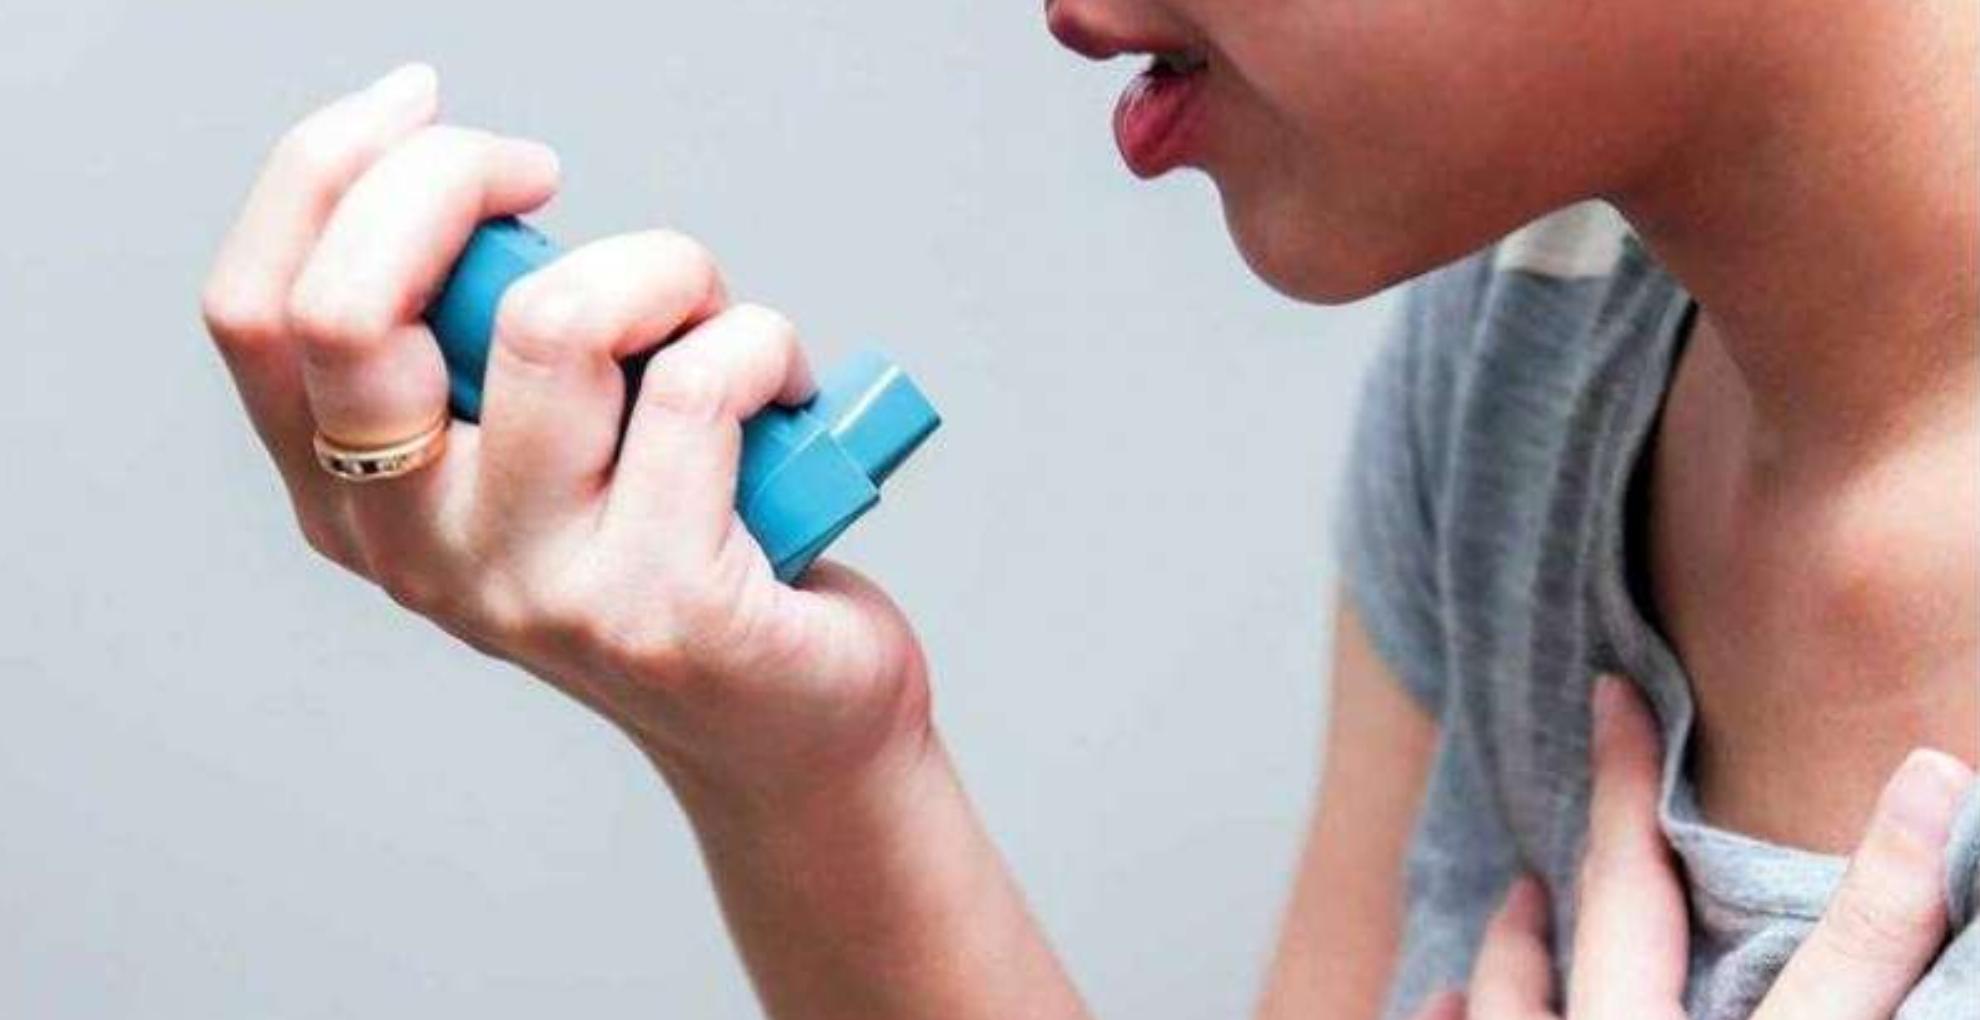 Health Tips: अस्थमा कहीं आपके लिए साबित ना हो जाए जानलेवा, जानिए इसके कारण, लक्षण और बचने के उपाय